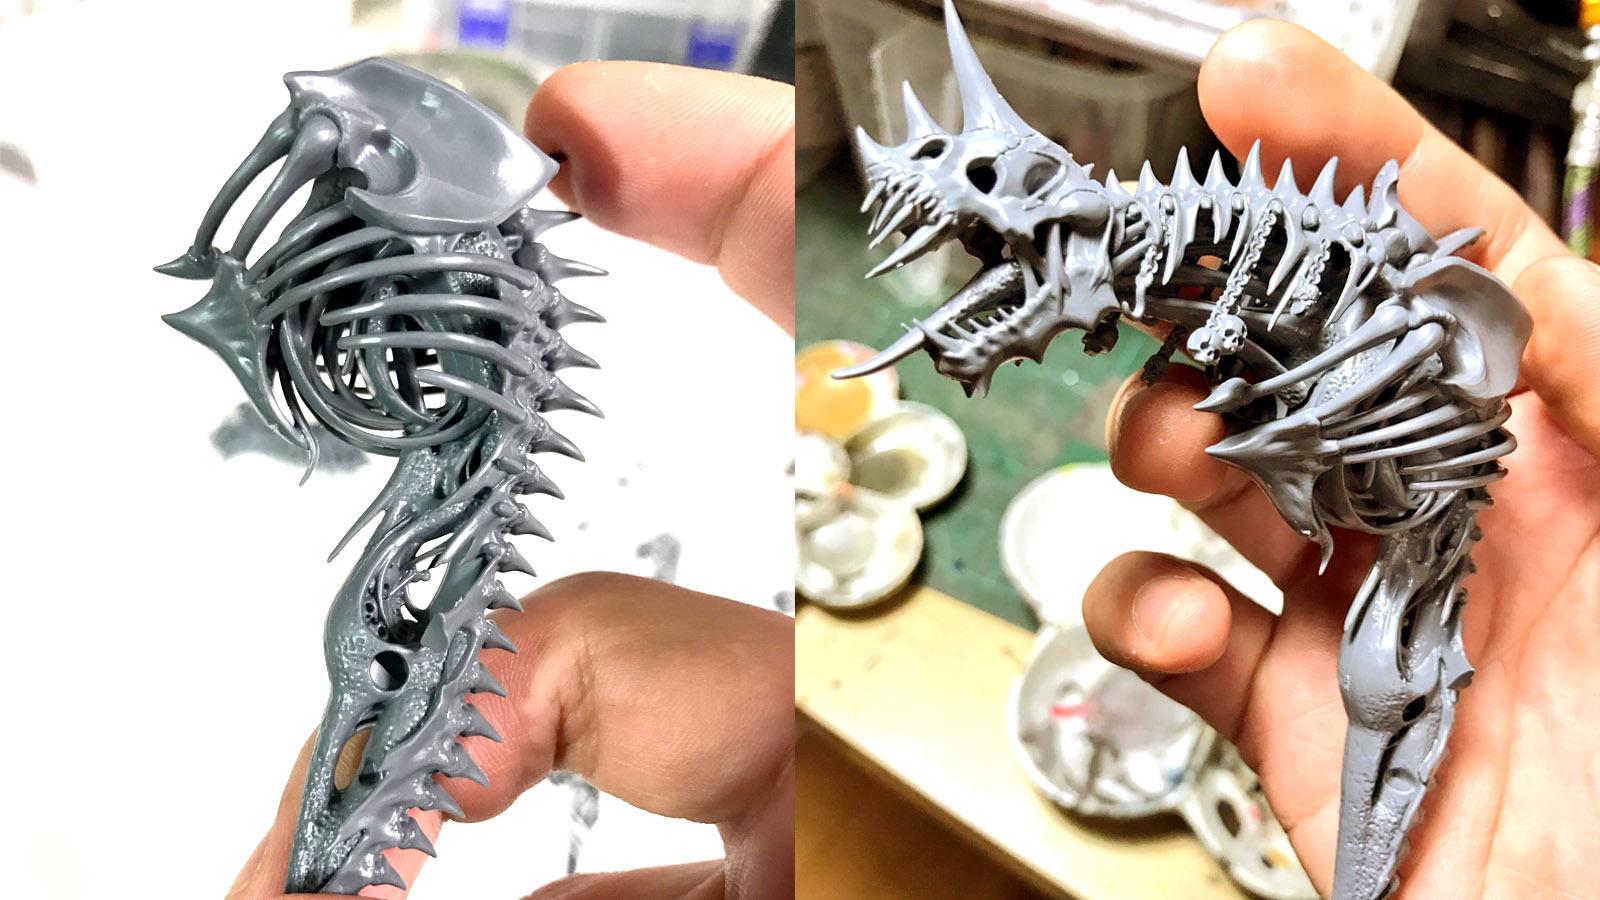 キミは腐ったドラゴンのプラモデルを組んだことがあるか(前編)_b0029315_23335682.jpg